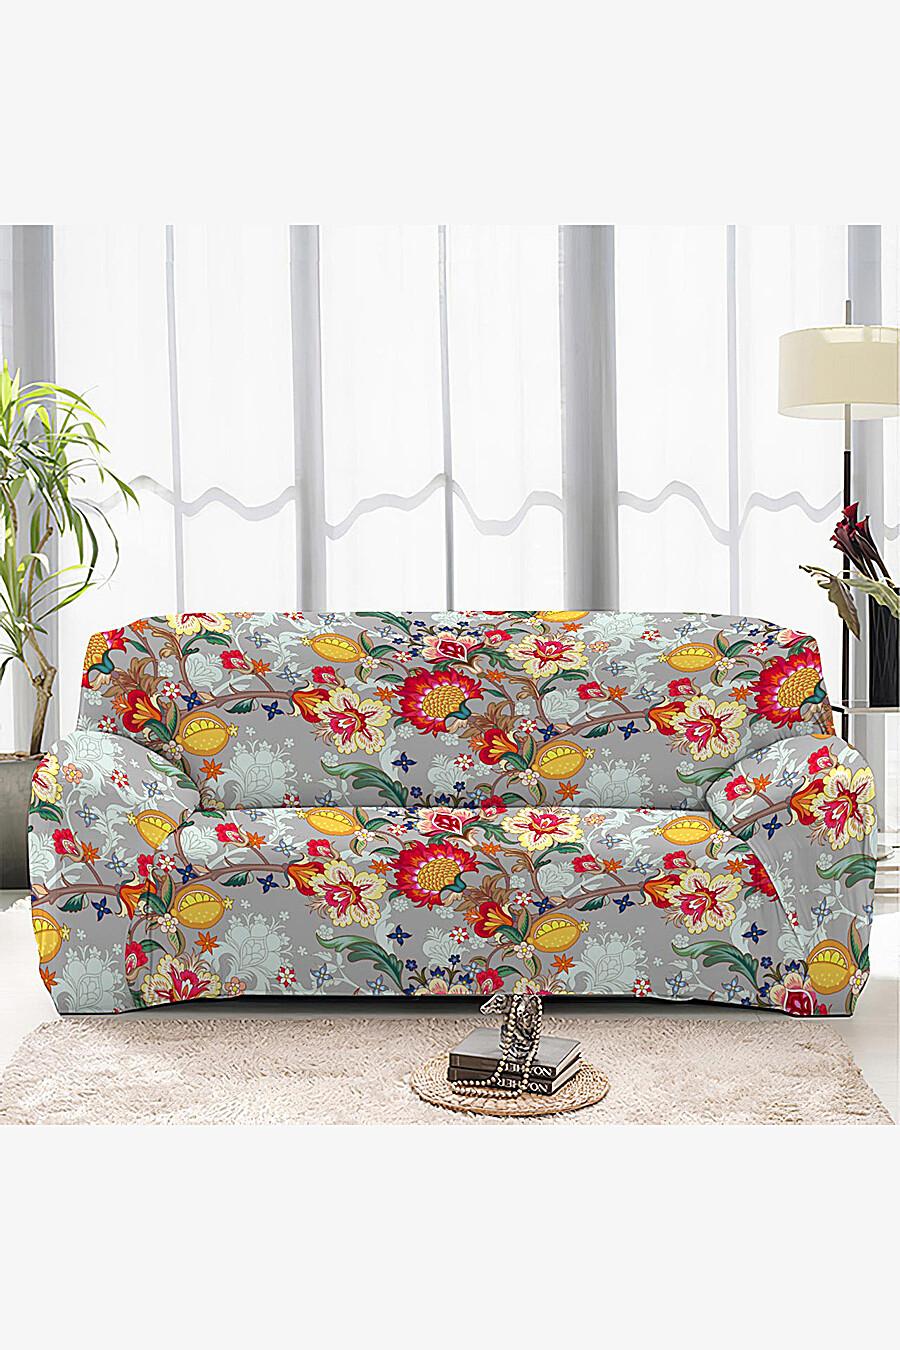 Чехол на диван для дома ART HOME TEXTILE 162782 купить оптом от производителя. Совместная покупка товаров для дома в OptMoyo